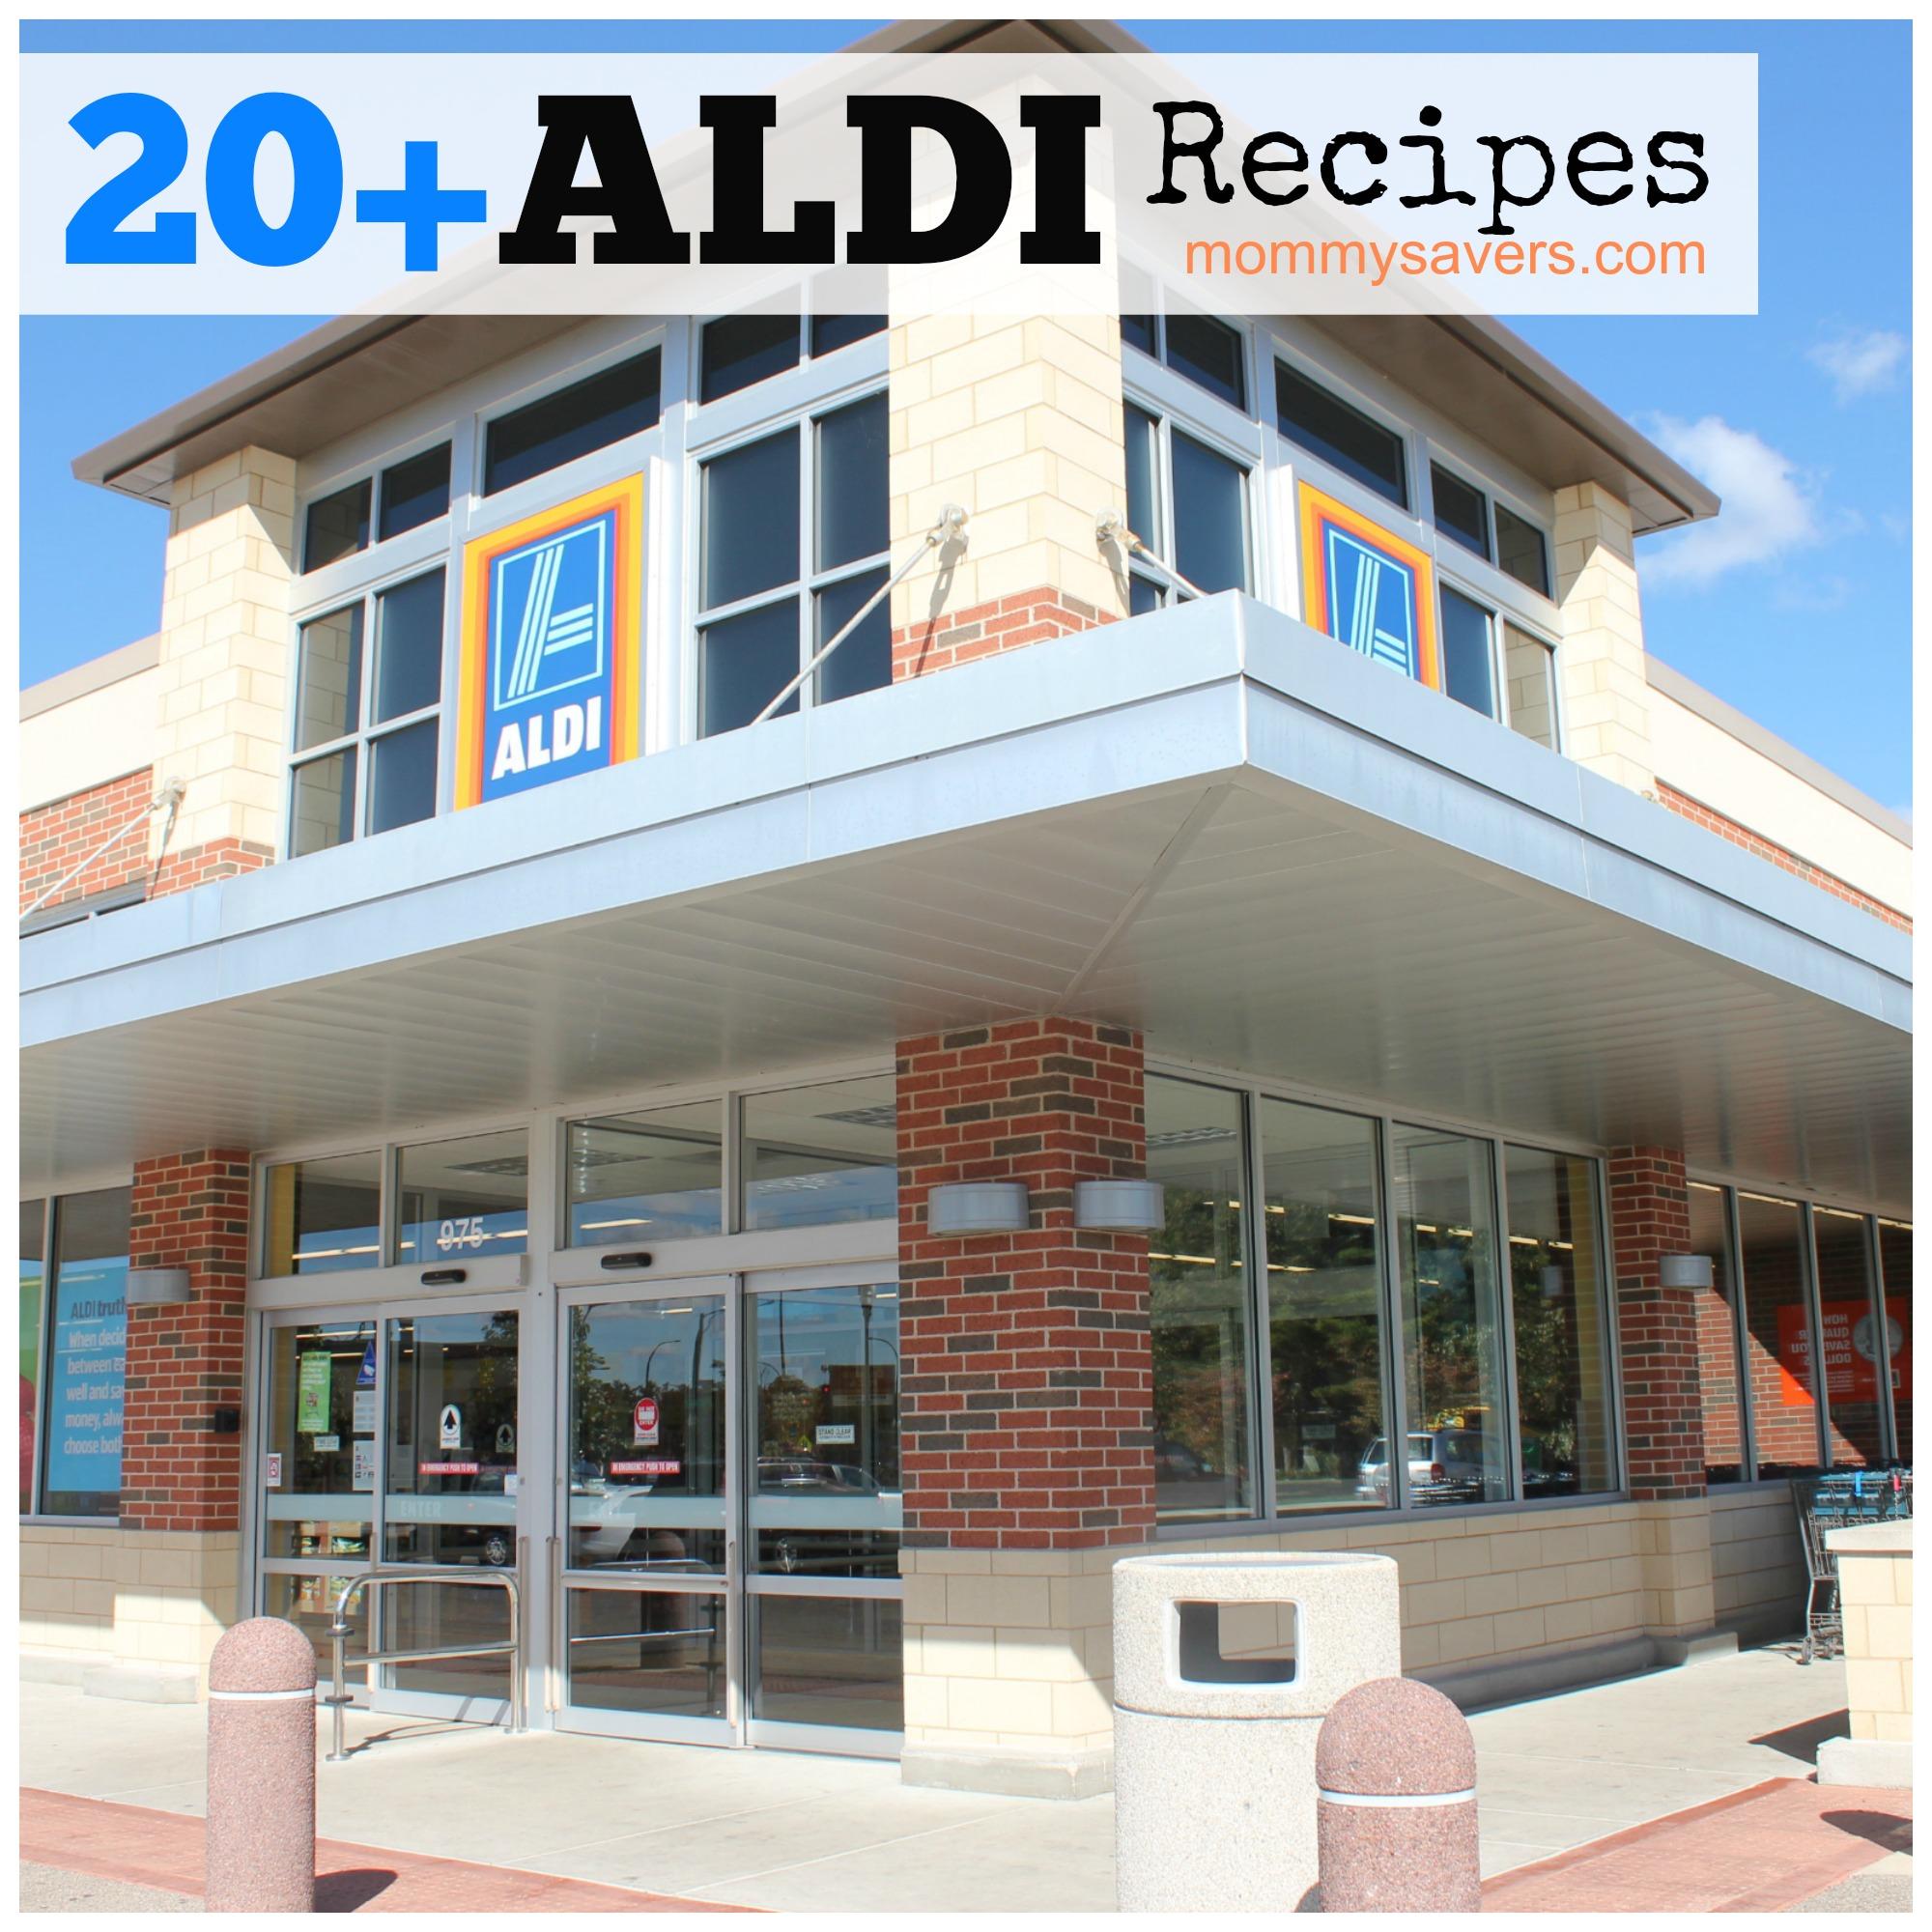 ALDI recipes